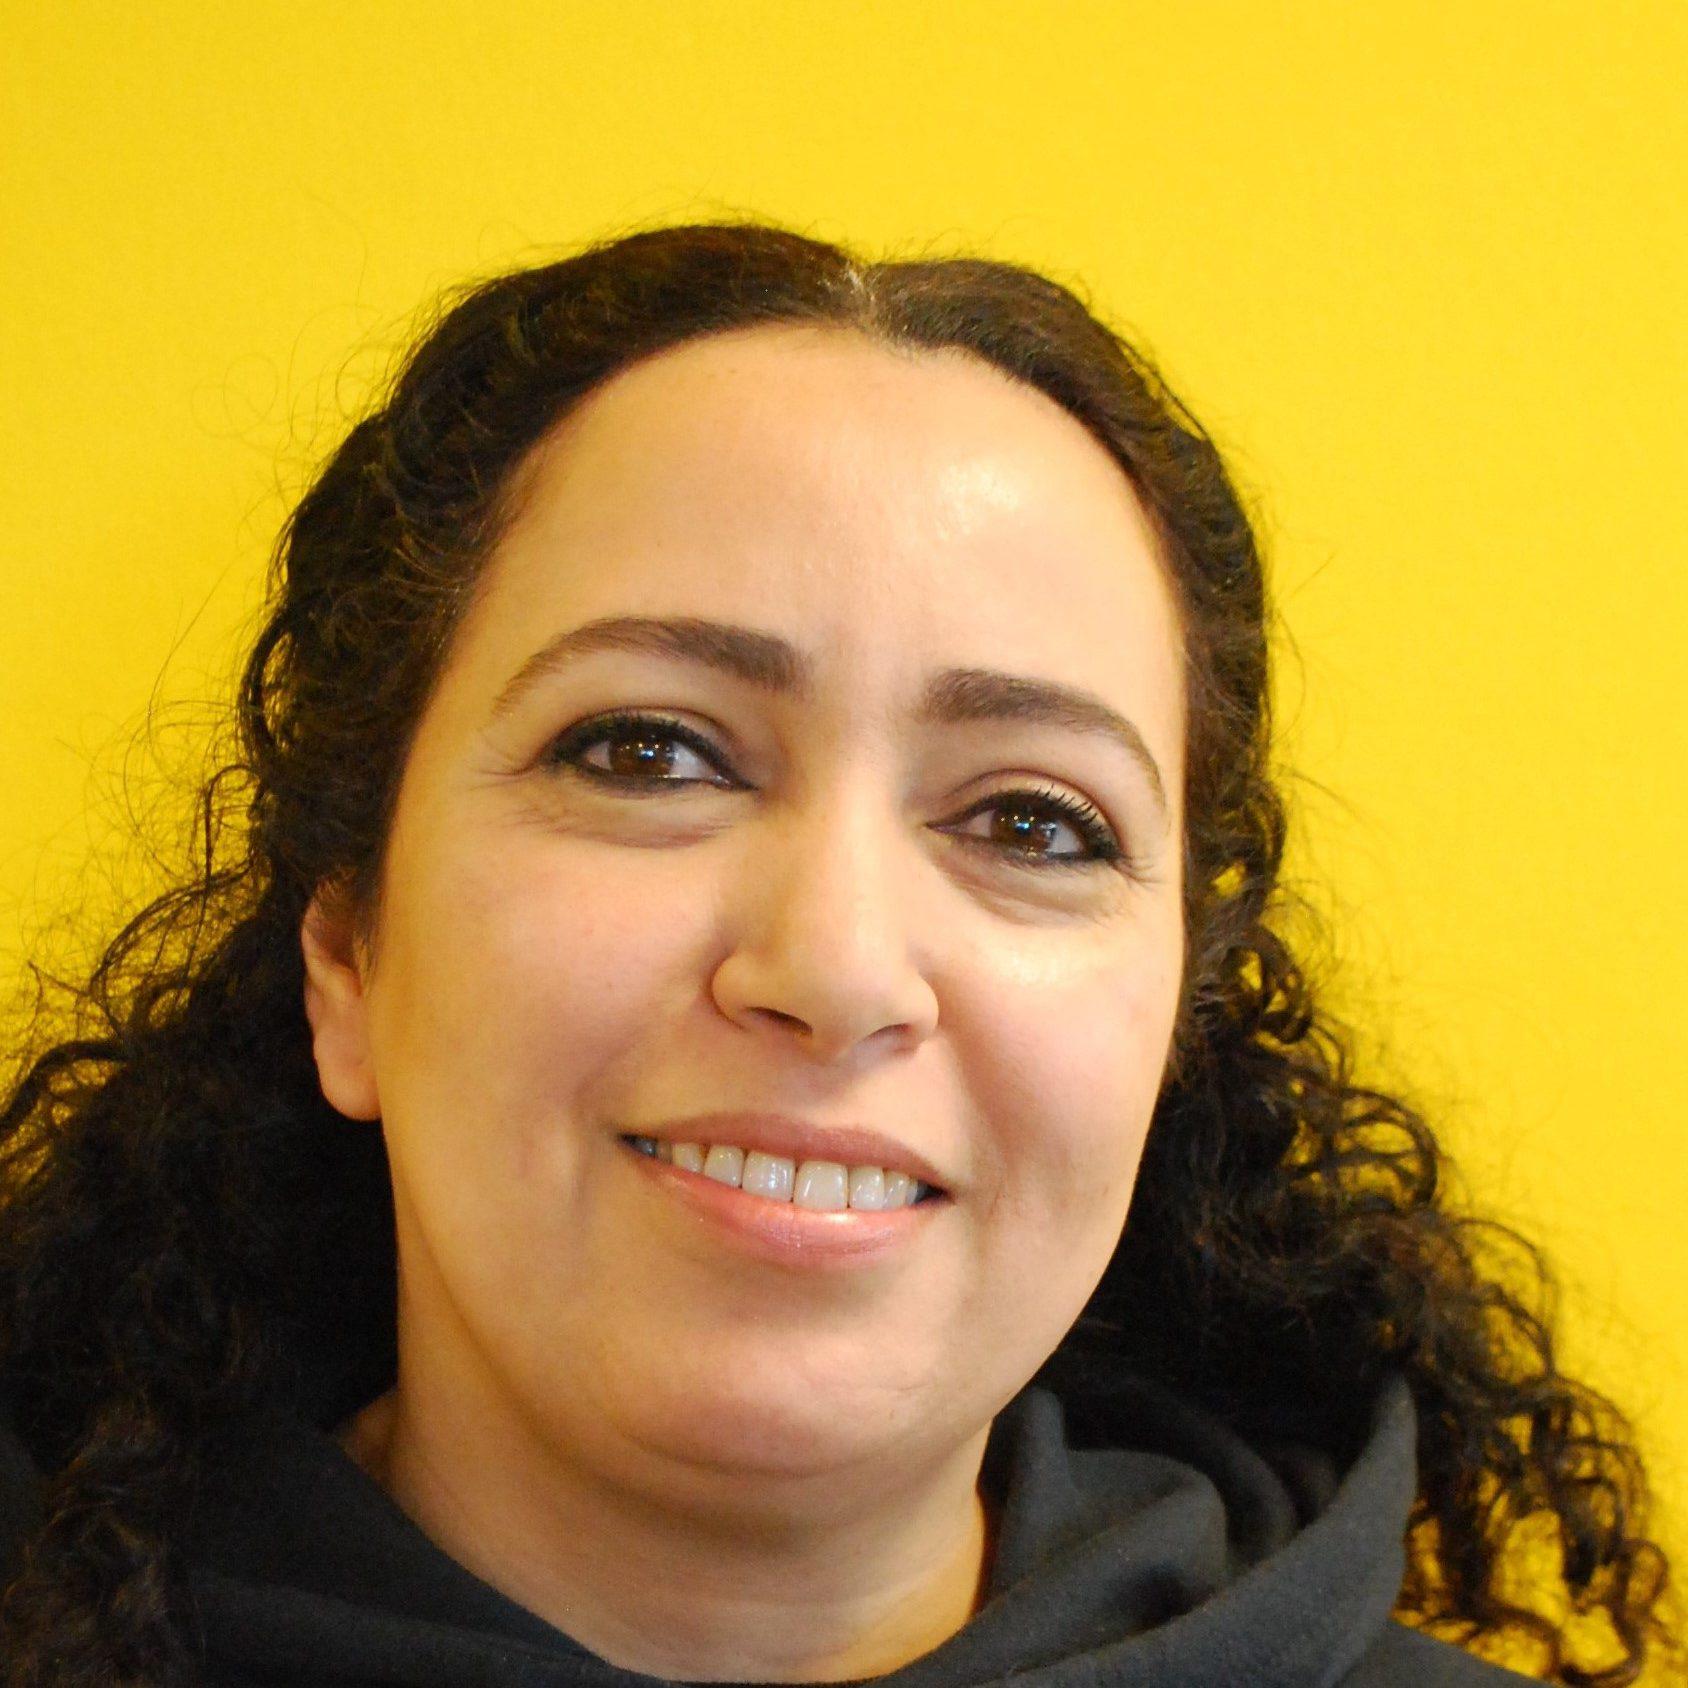 Fatima Talidi